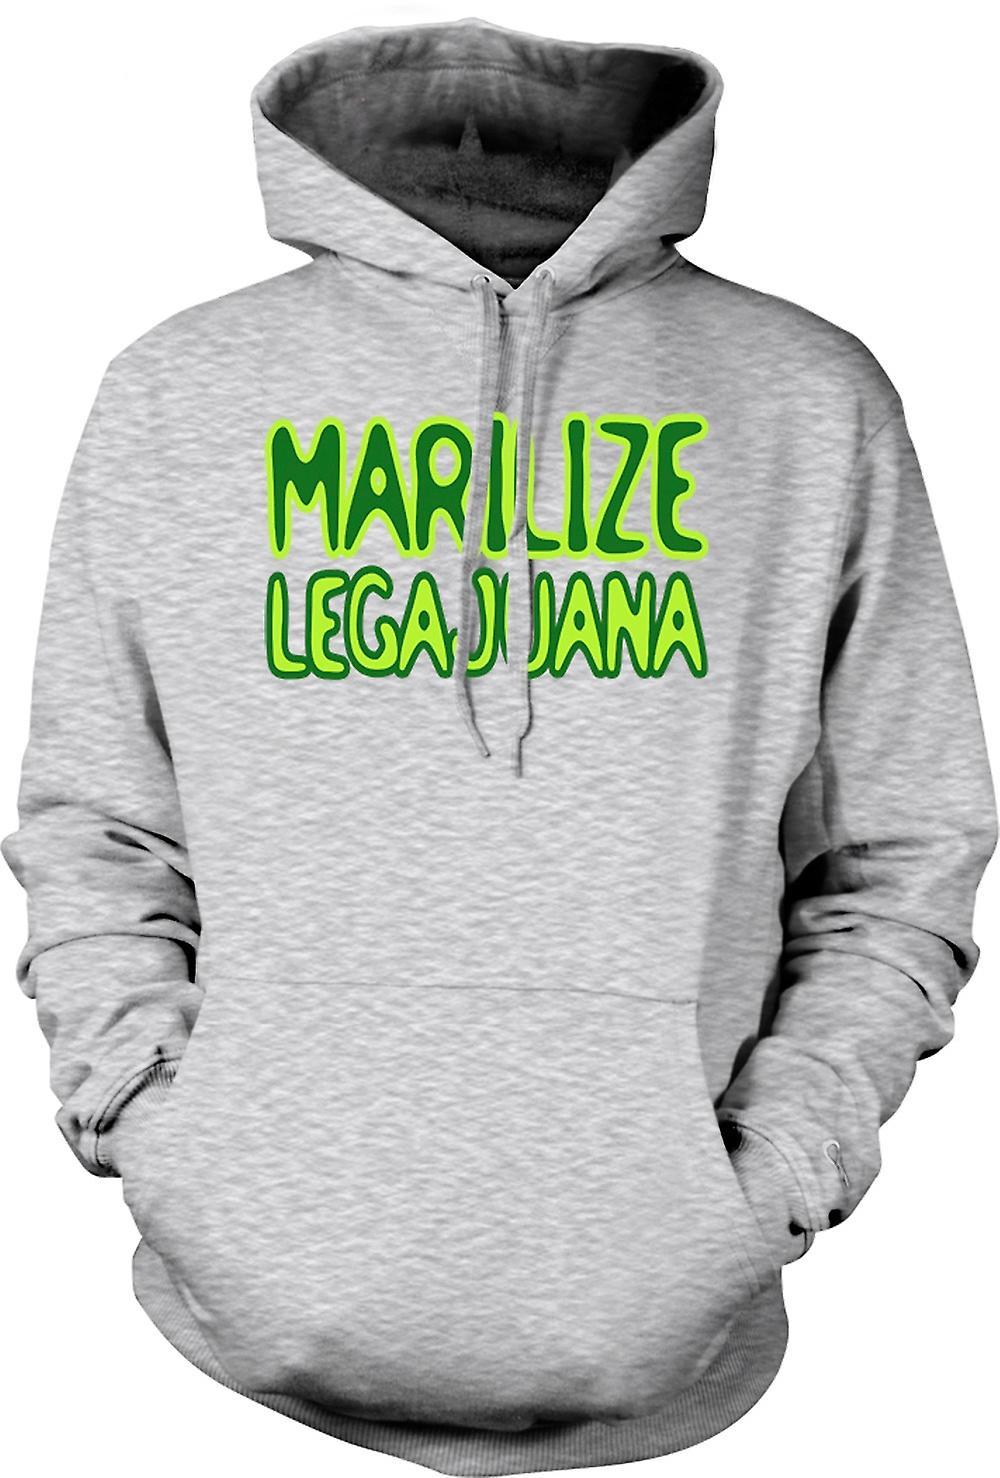 Mens Hoodie - Lelio Legajuana Weed